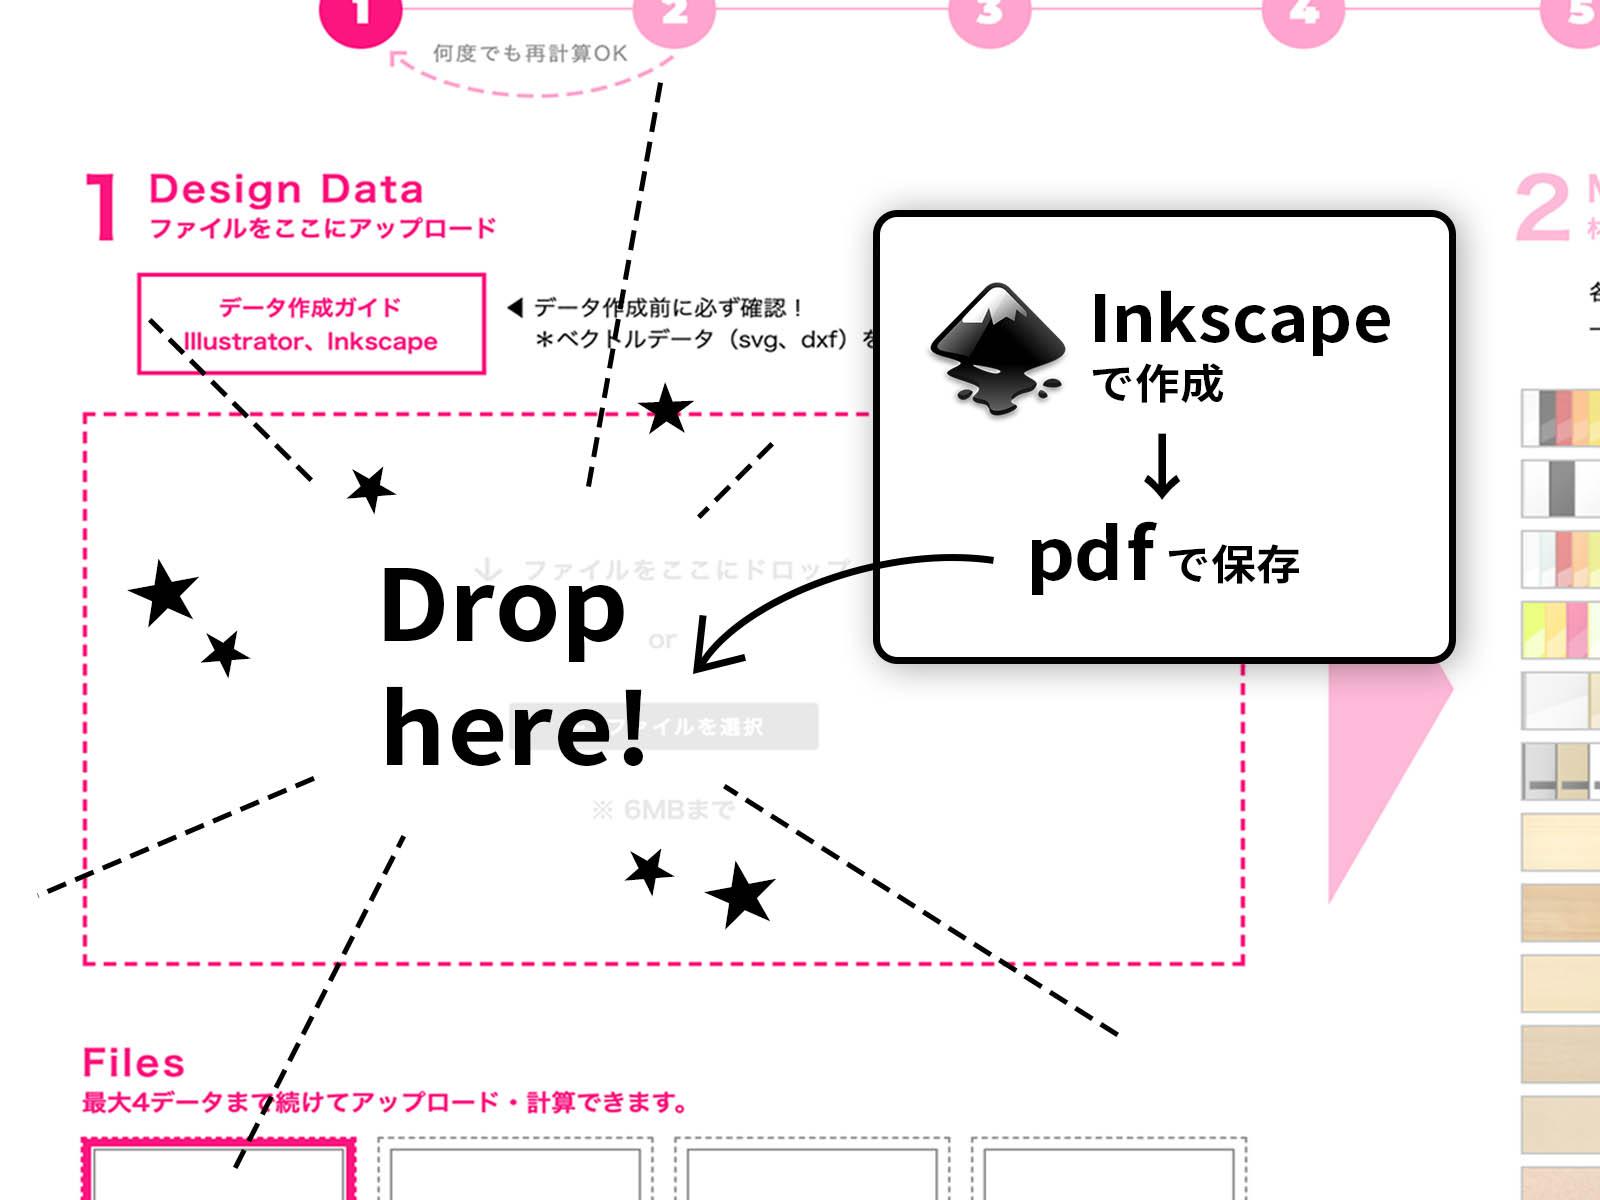 「Inkscape」から作成したpdfデータも、スピード注文でアップロードできます!